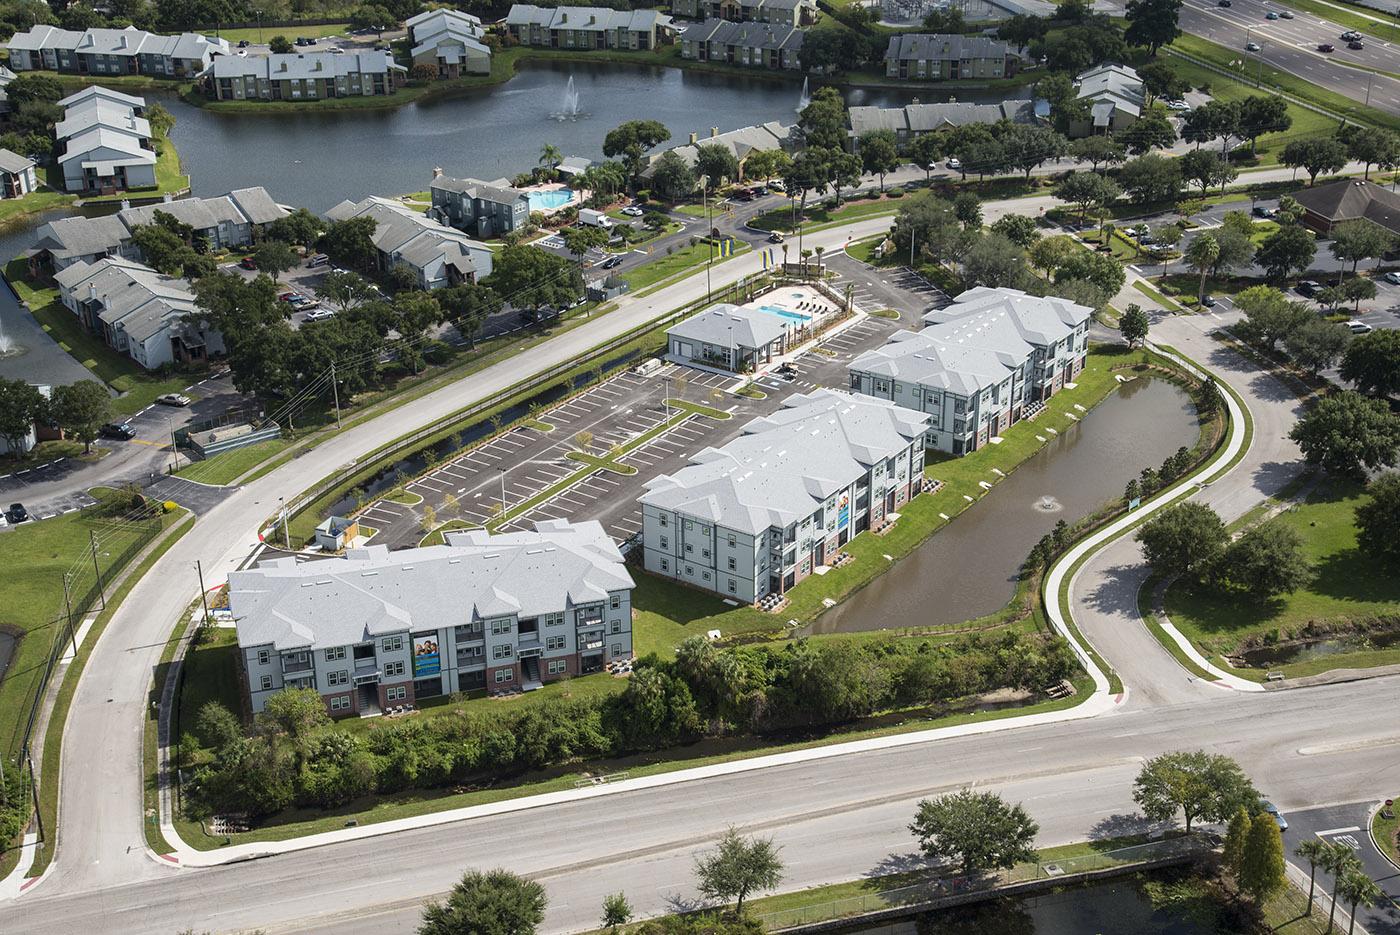 CharlestonEdge-Rental-Apartment-Brandon-Tampa-Florida-Pool-Bedrooms-Pets-Aerial-View.jpg